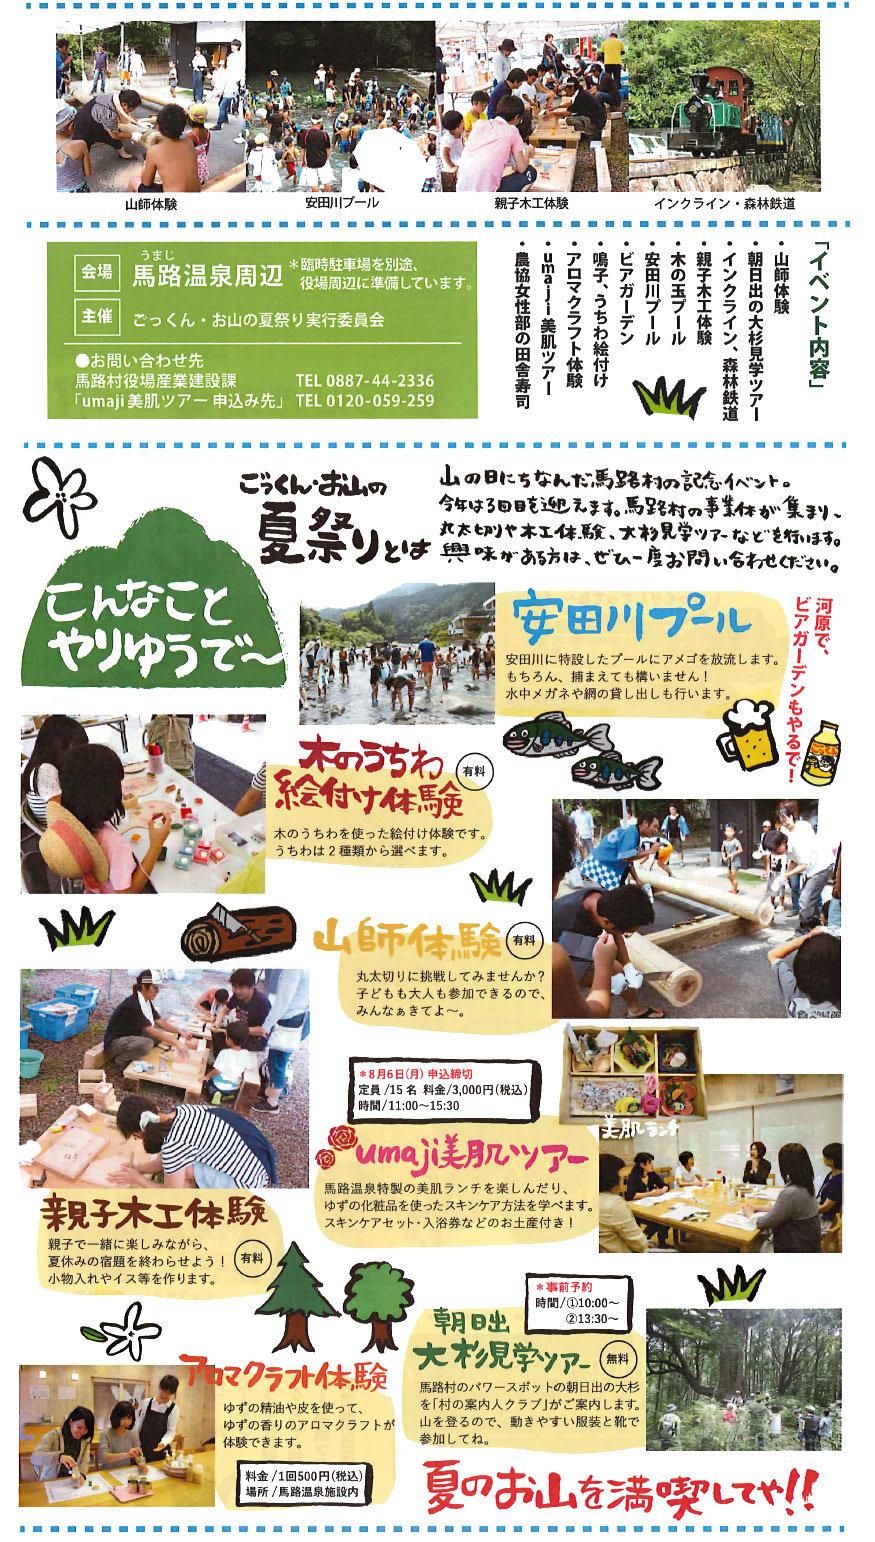 イベント内容|8月11日開催「ごっくん・お山の夏祭り」